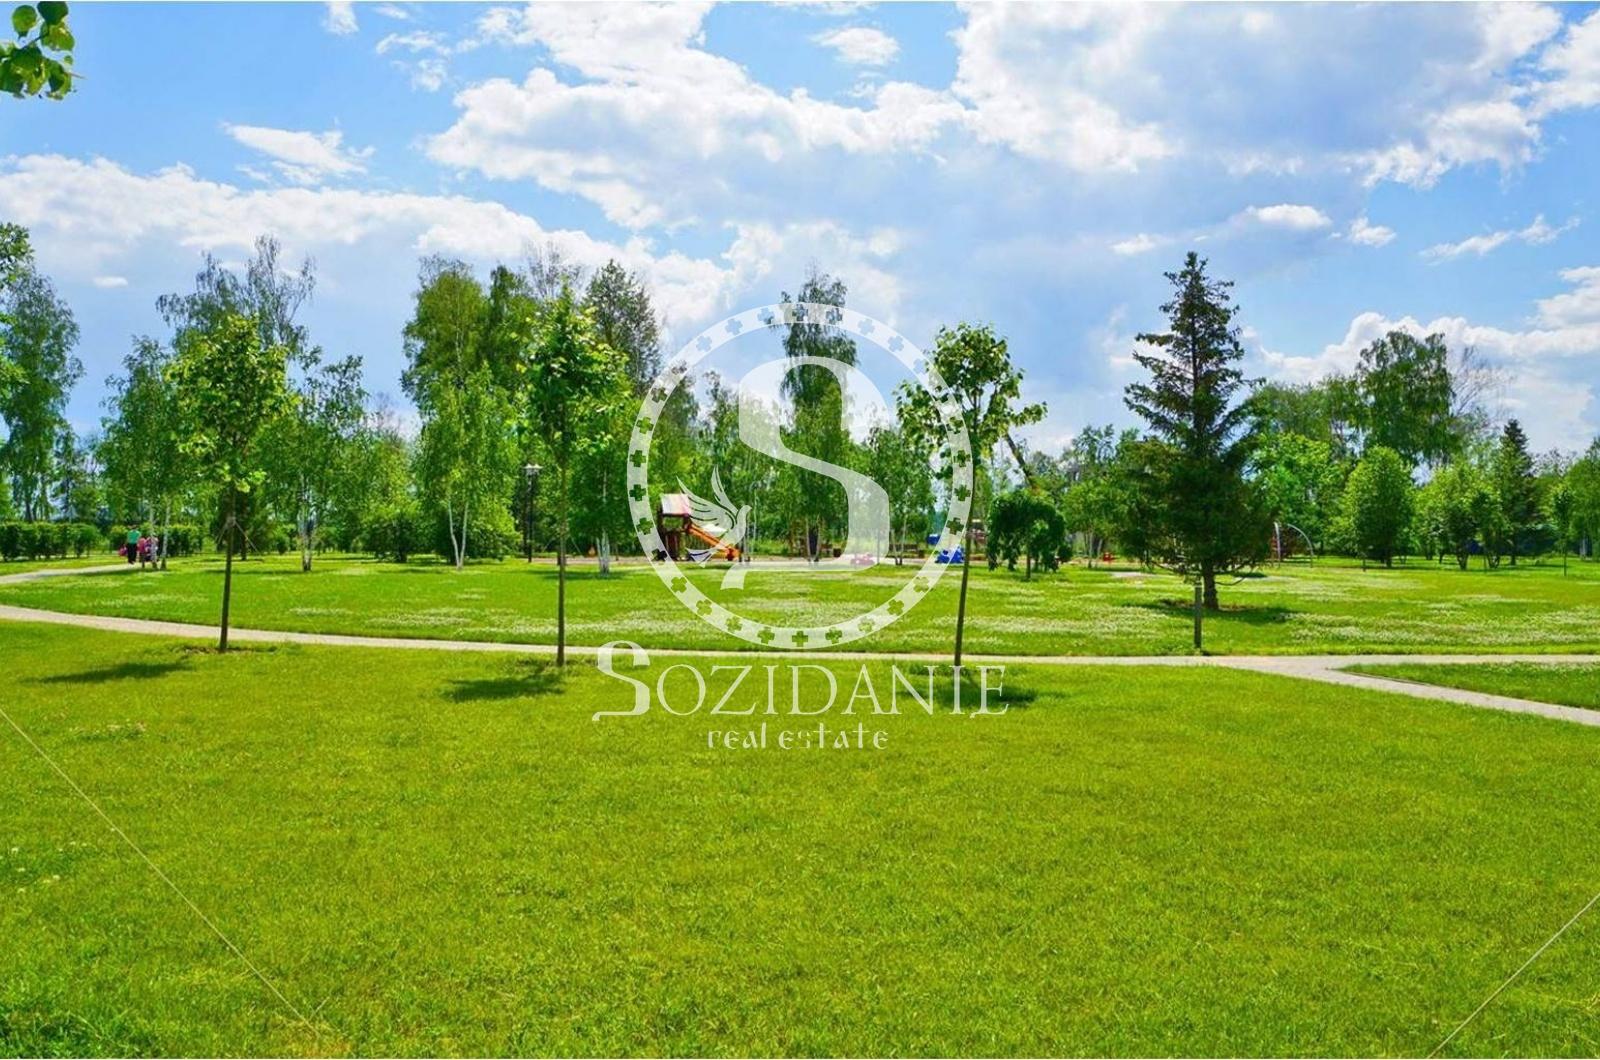 3 Bedrooms, Загородная, Продажа, Listing ID 1489, Московская область, Россия,